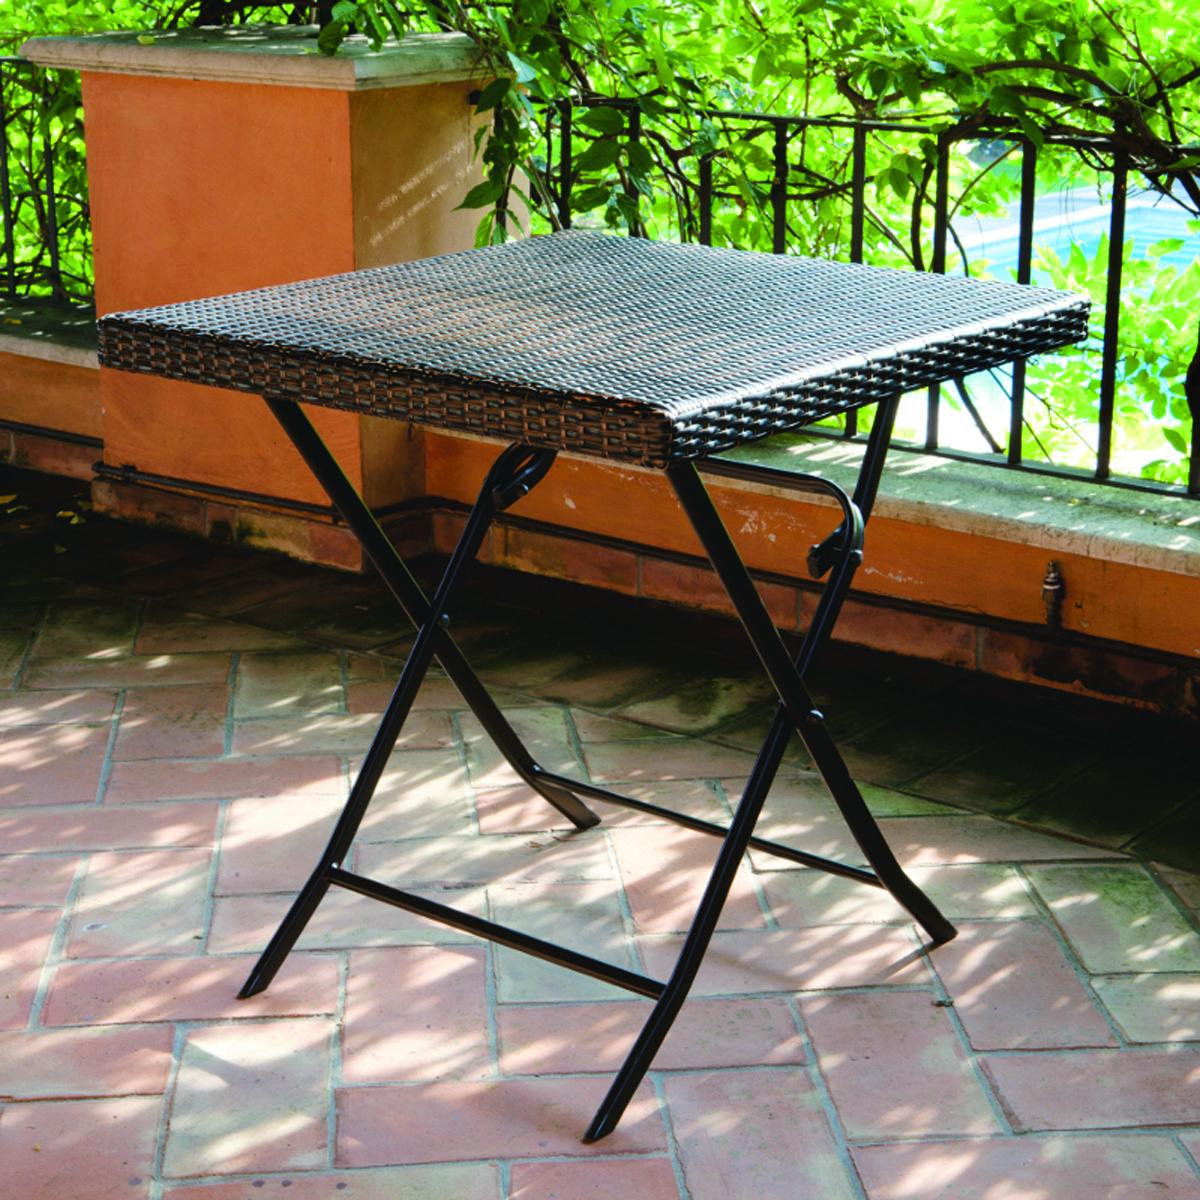 Tavoli con sedie plastificati con rattan - Tavolo roma leroy merlin ...